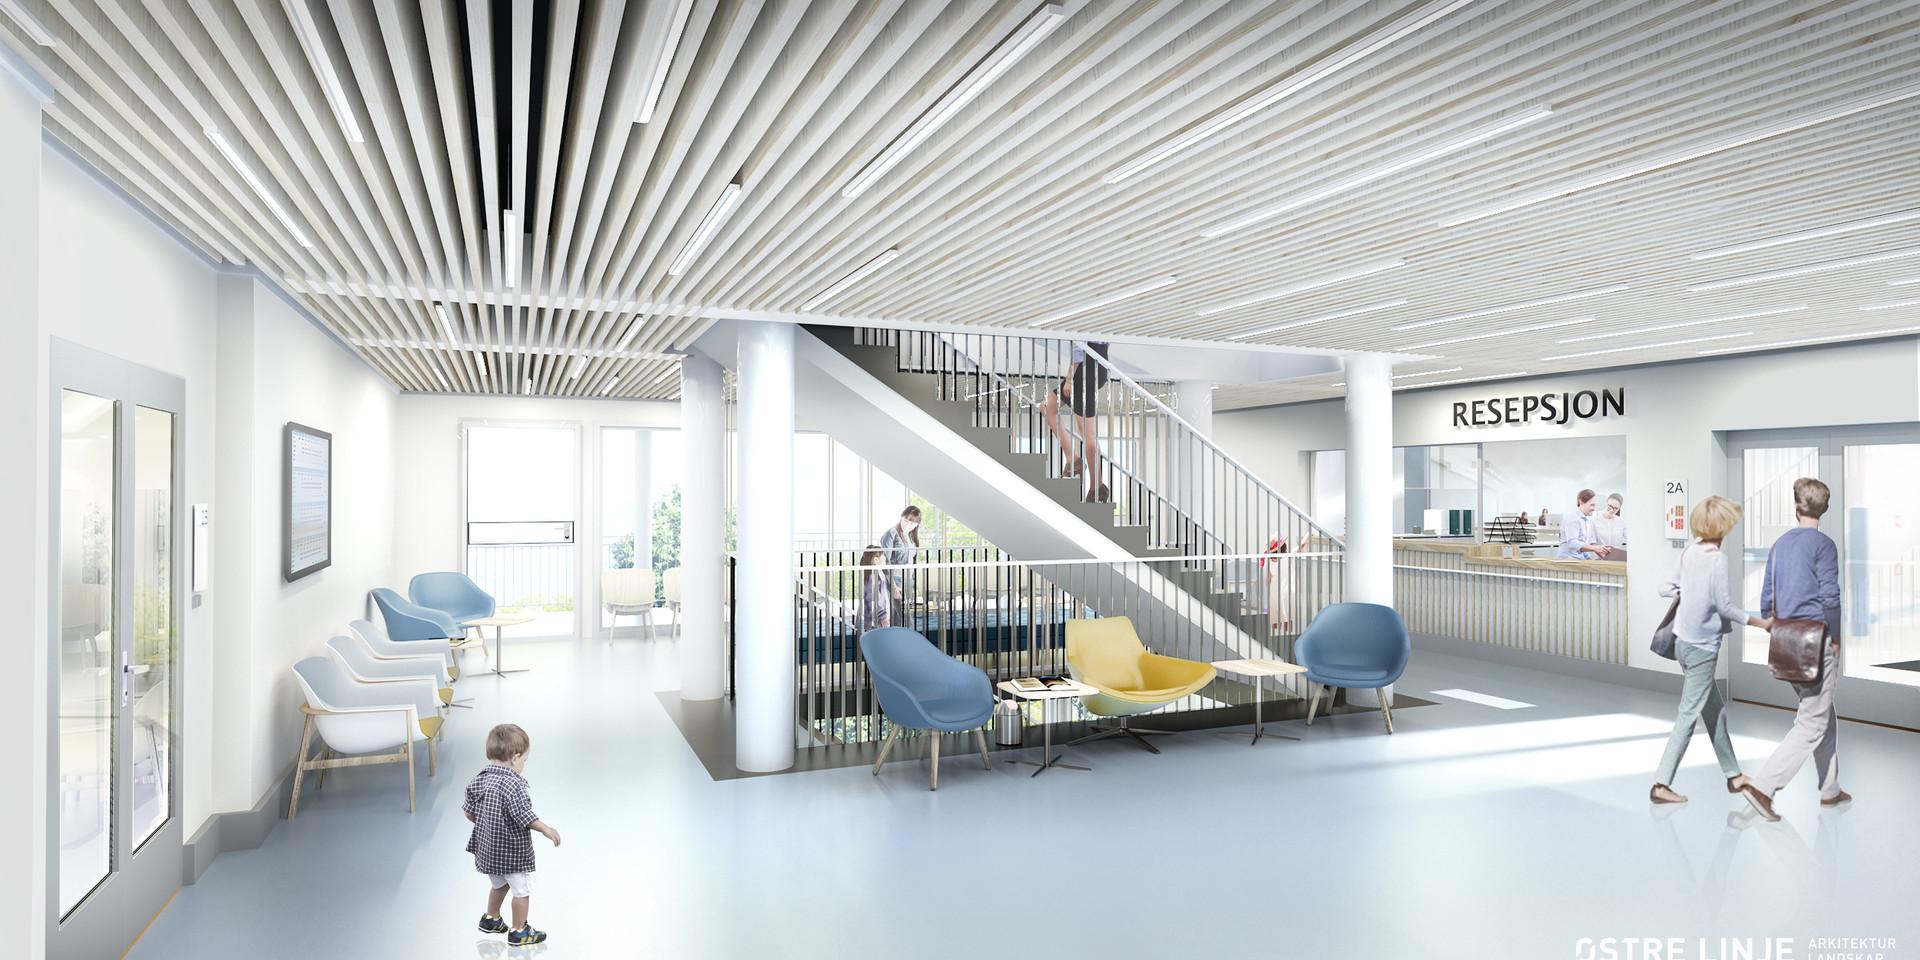 Helsehuset Askim, Østre Linje arkitektur og landskap AS